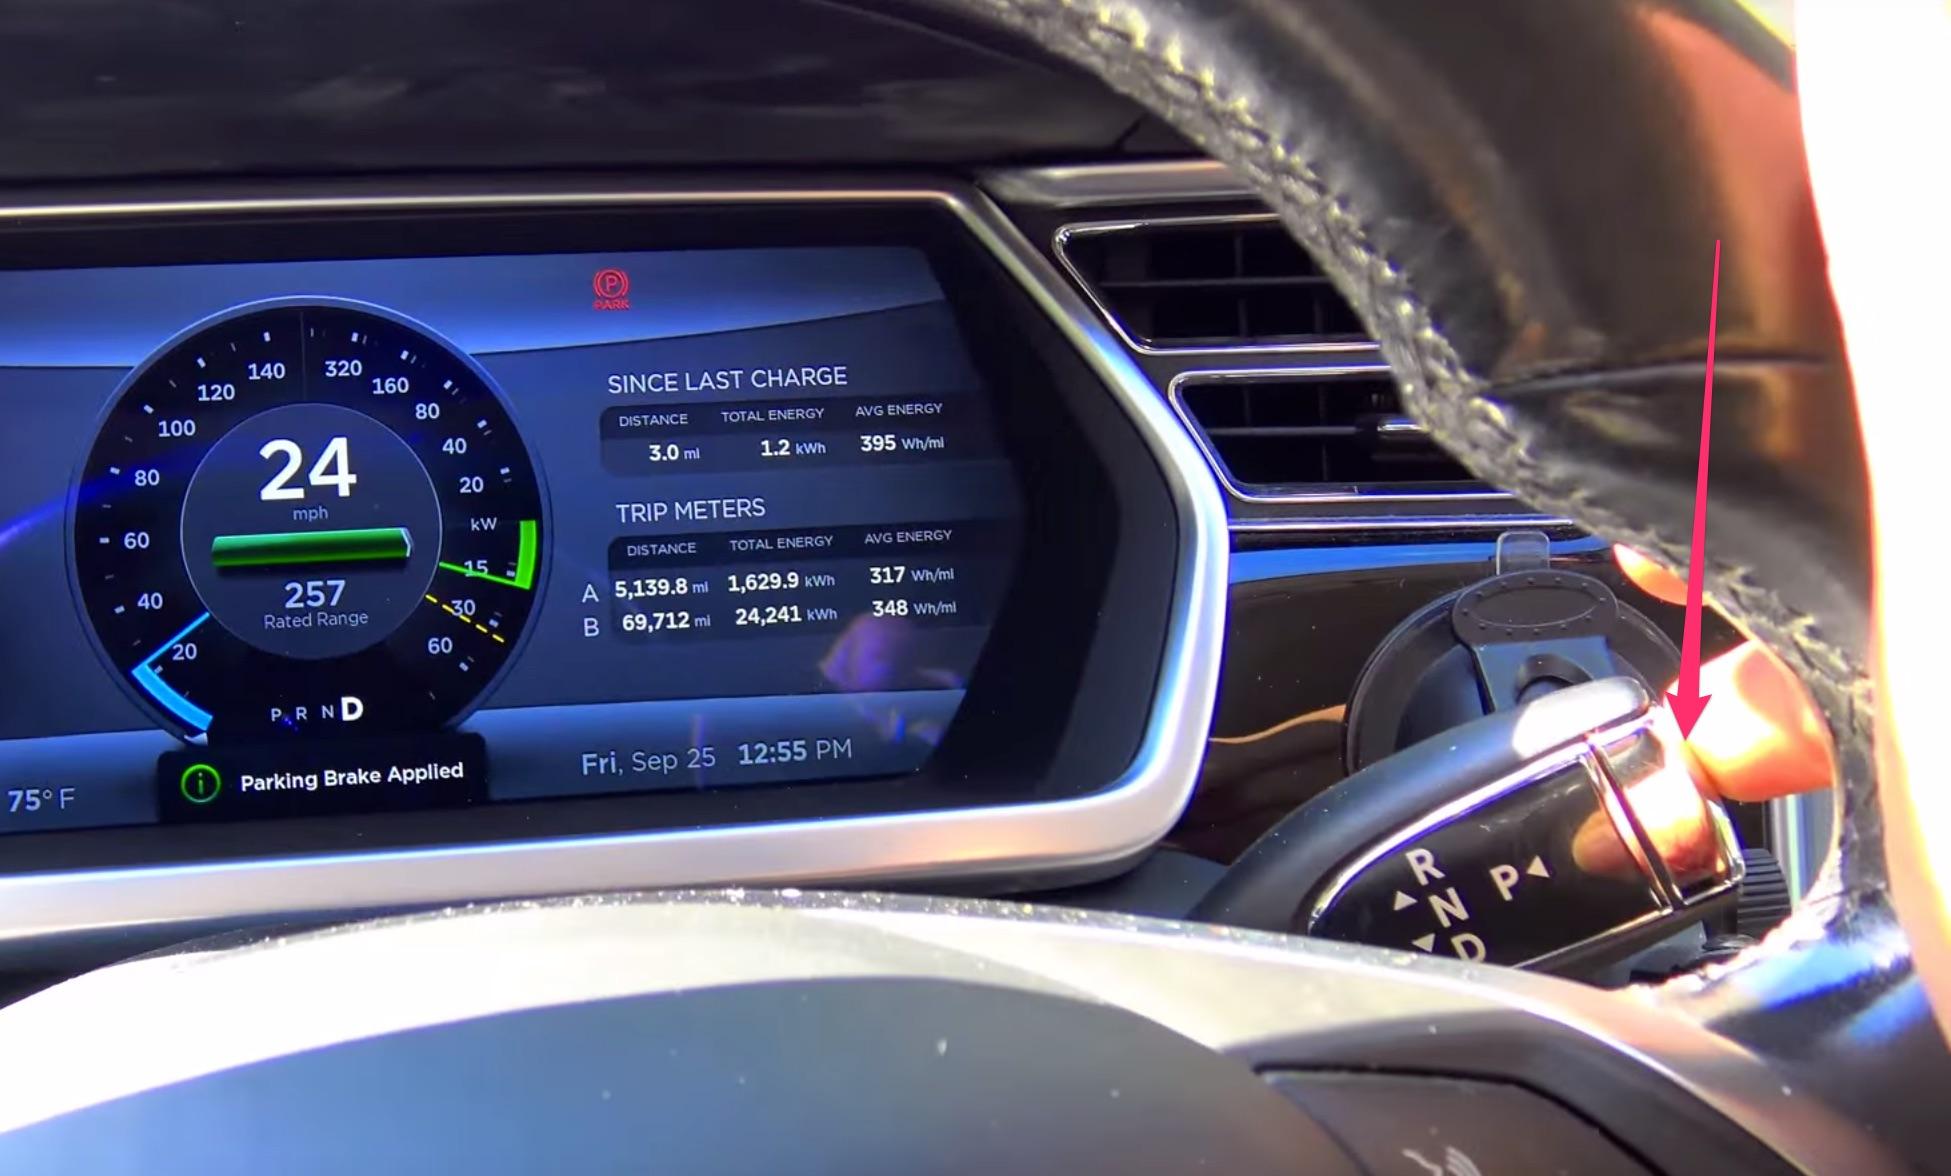 Tesla-Parking-Brake